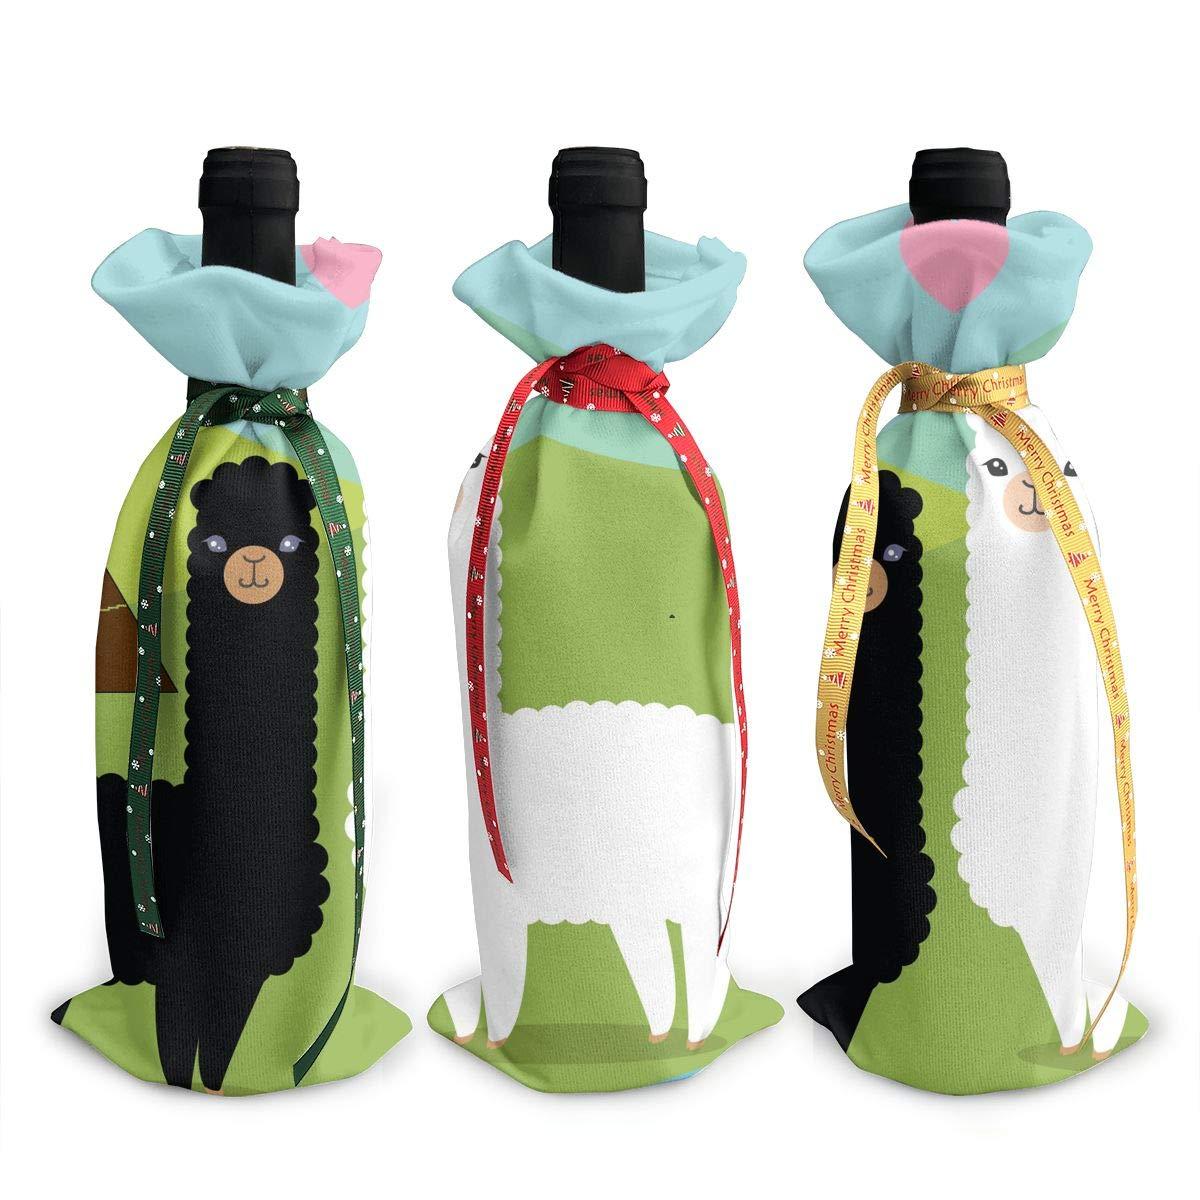 アルパカ ワイン トートキャリアバッグ 旅行/キャンプ/ピクニック用パース 3個セット B07K4SKN1R